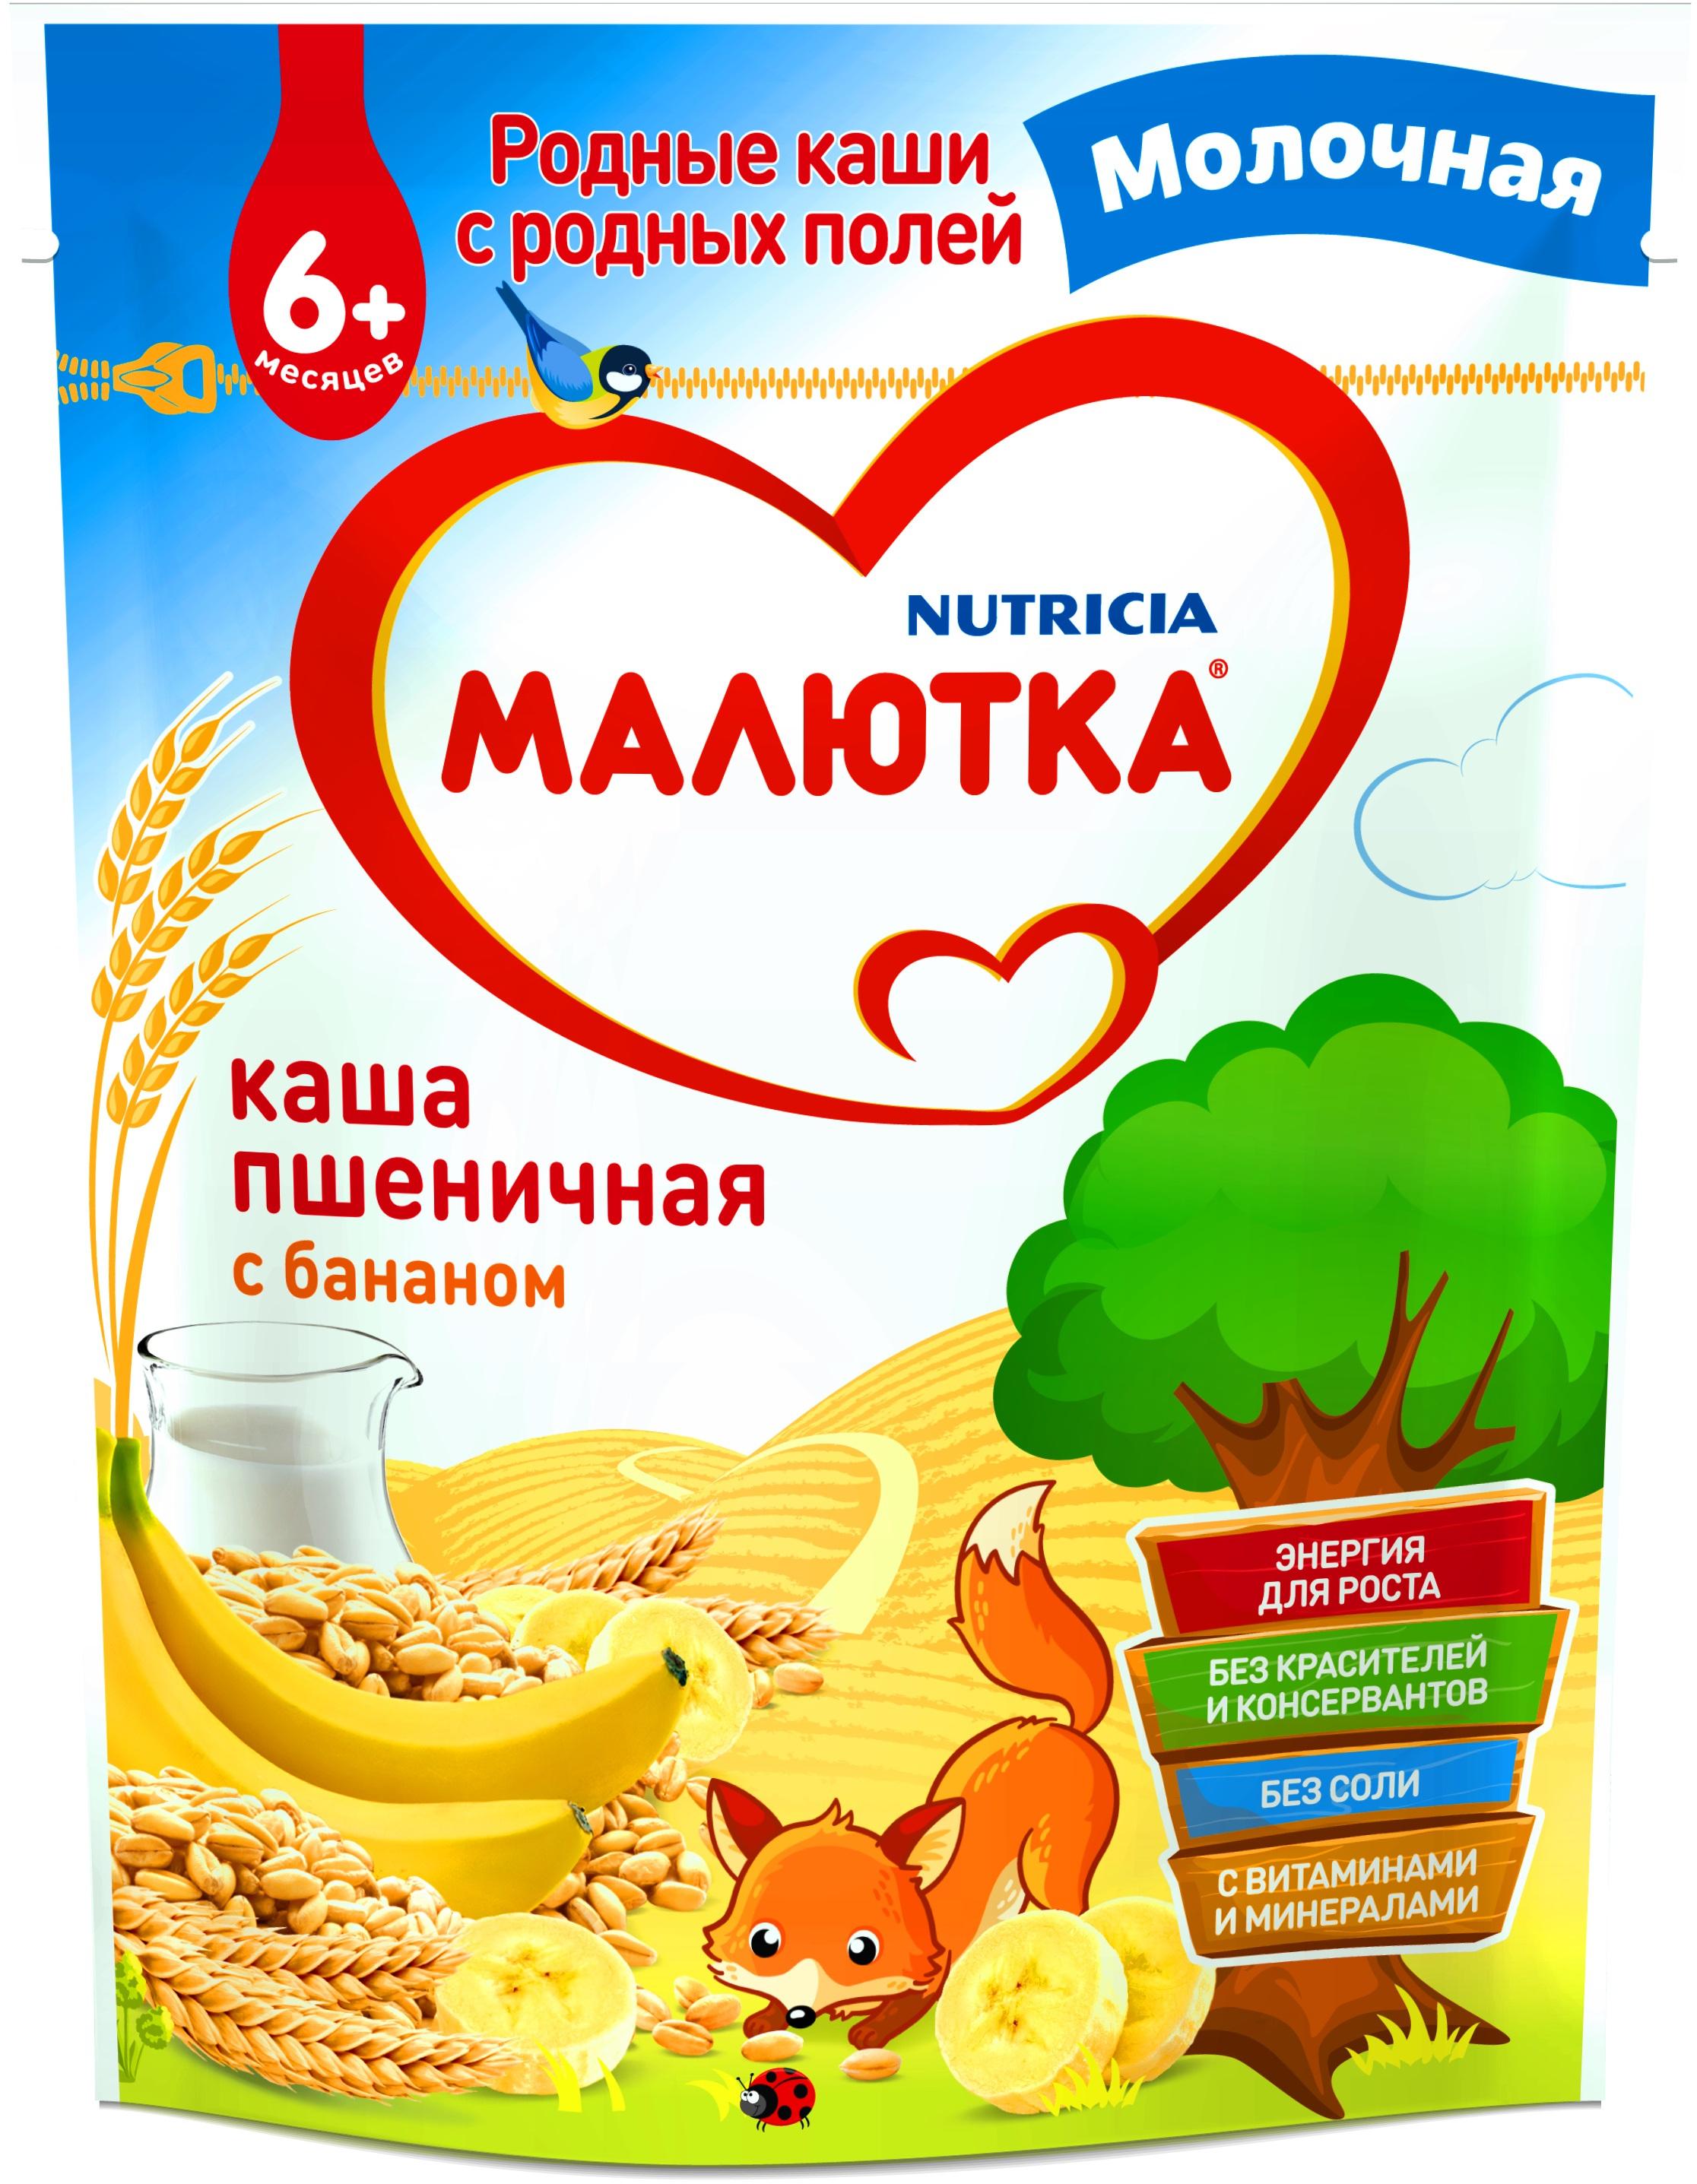 каши малютка каша молочная малютка мультизлаковая с малиной и бананом с 6 мес 220 г Каша Nutricia Малютка (Nutricia) Молочная пшеничная с бананом (с 6 месяцев) 220 г